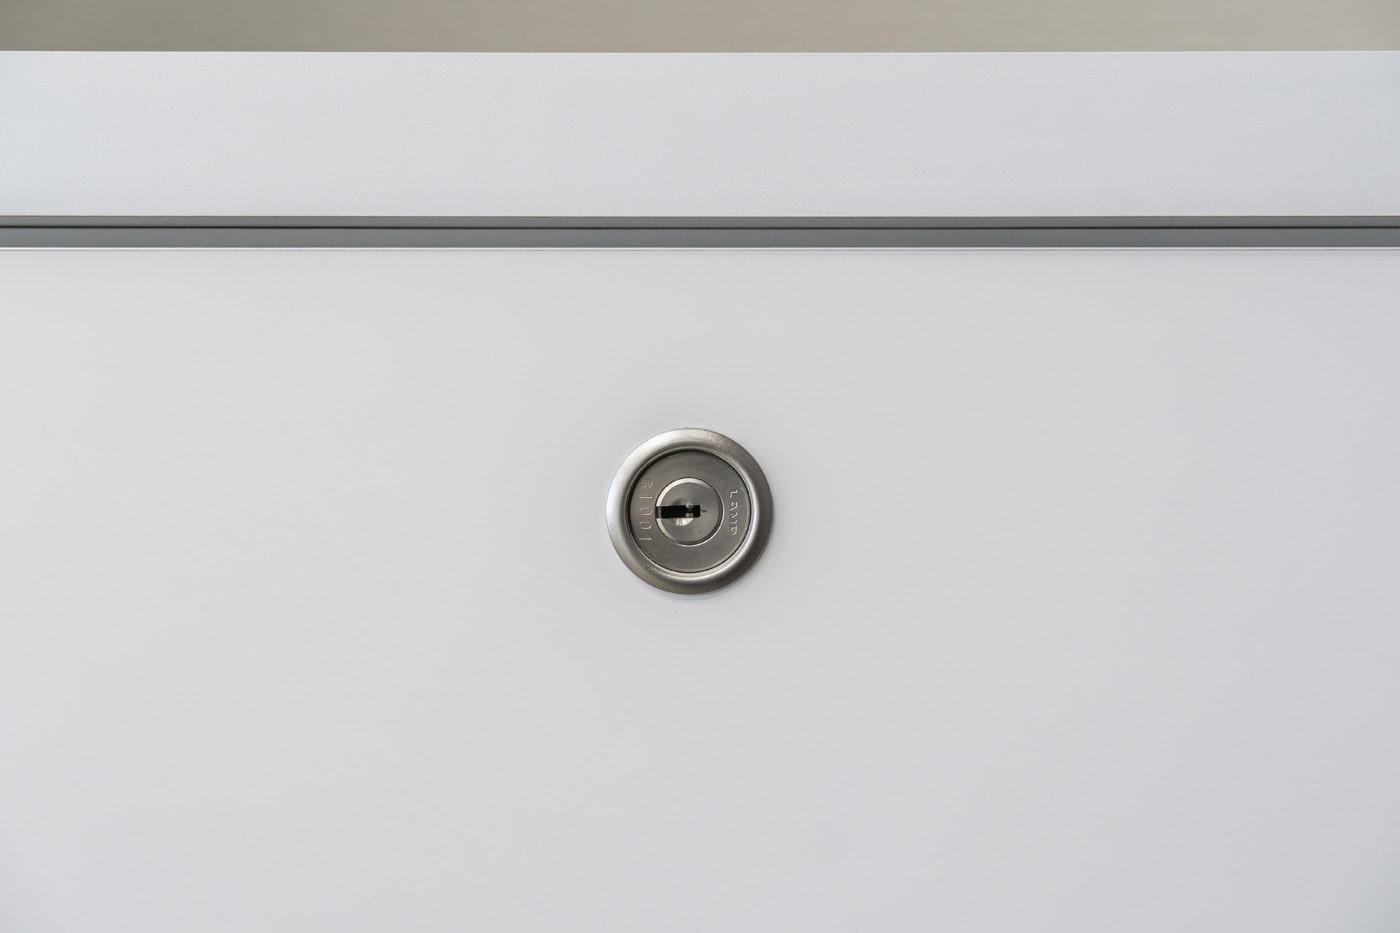 ミリオンロック面付シリンダー錠 7810型の施工例・採用事例